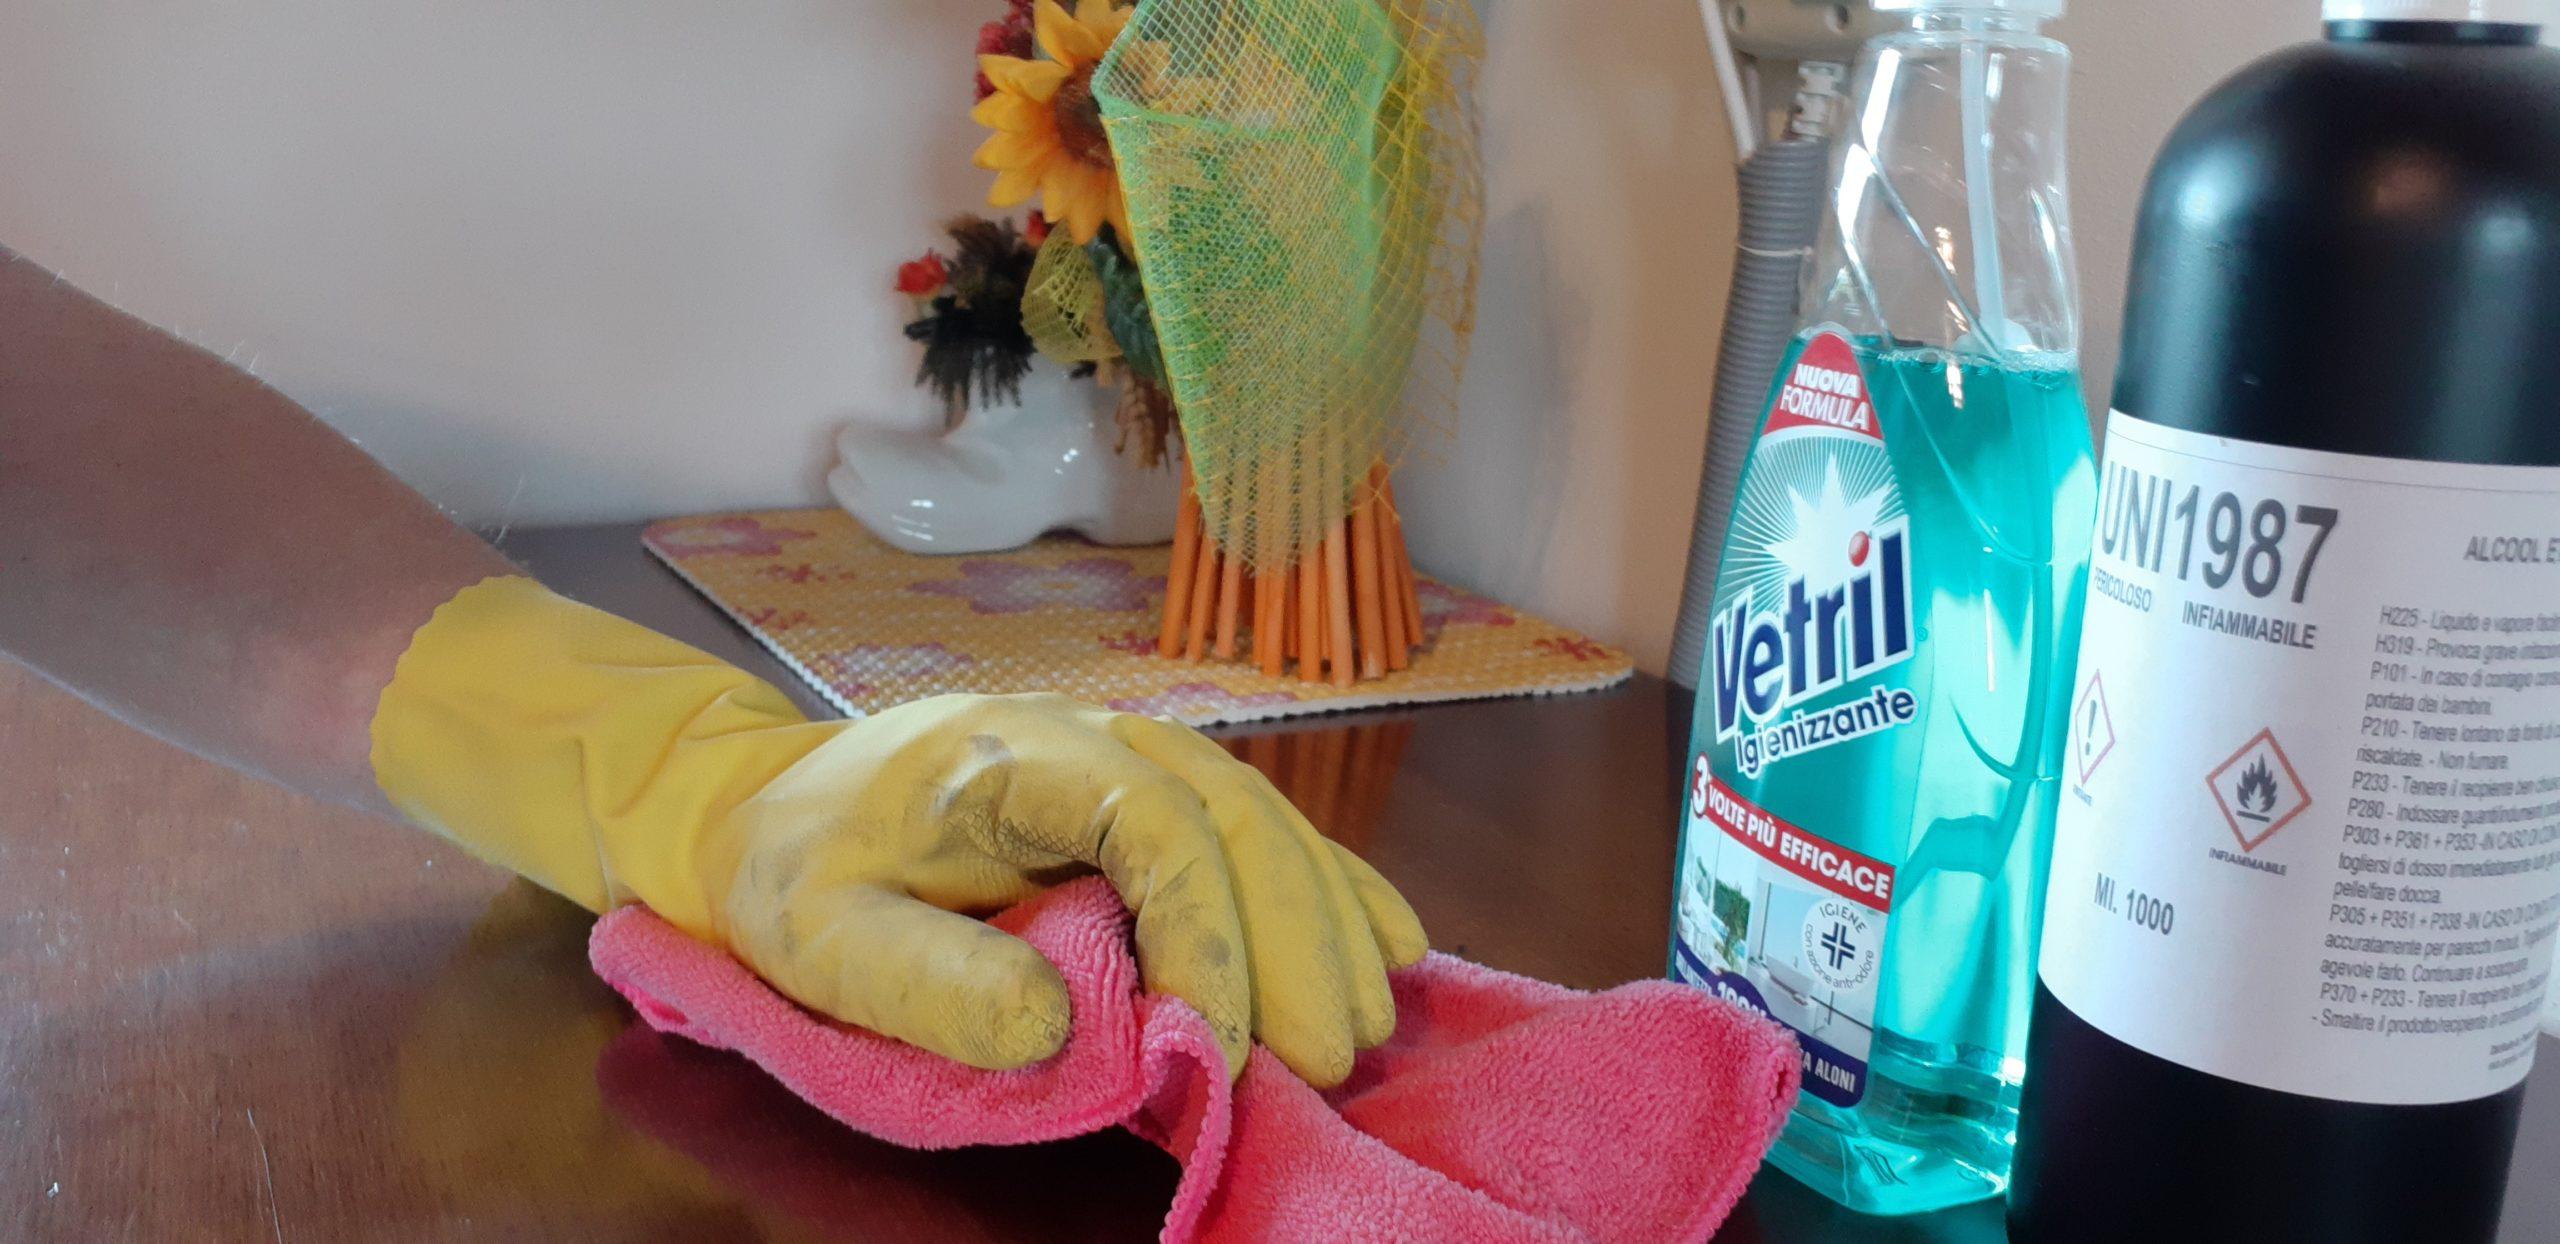 pulizia approfondita del mobilio